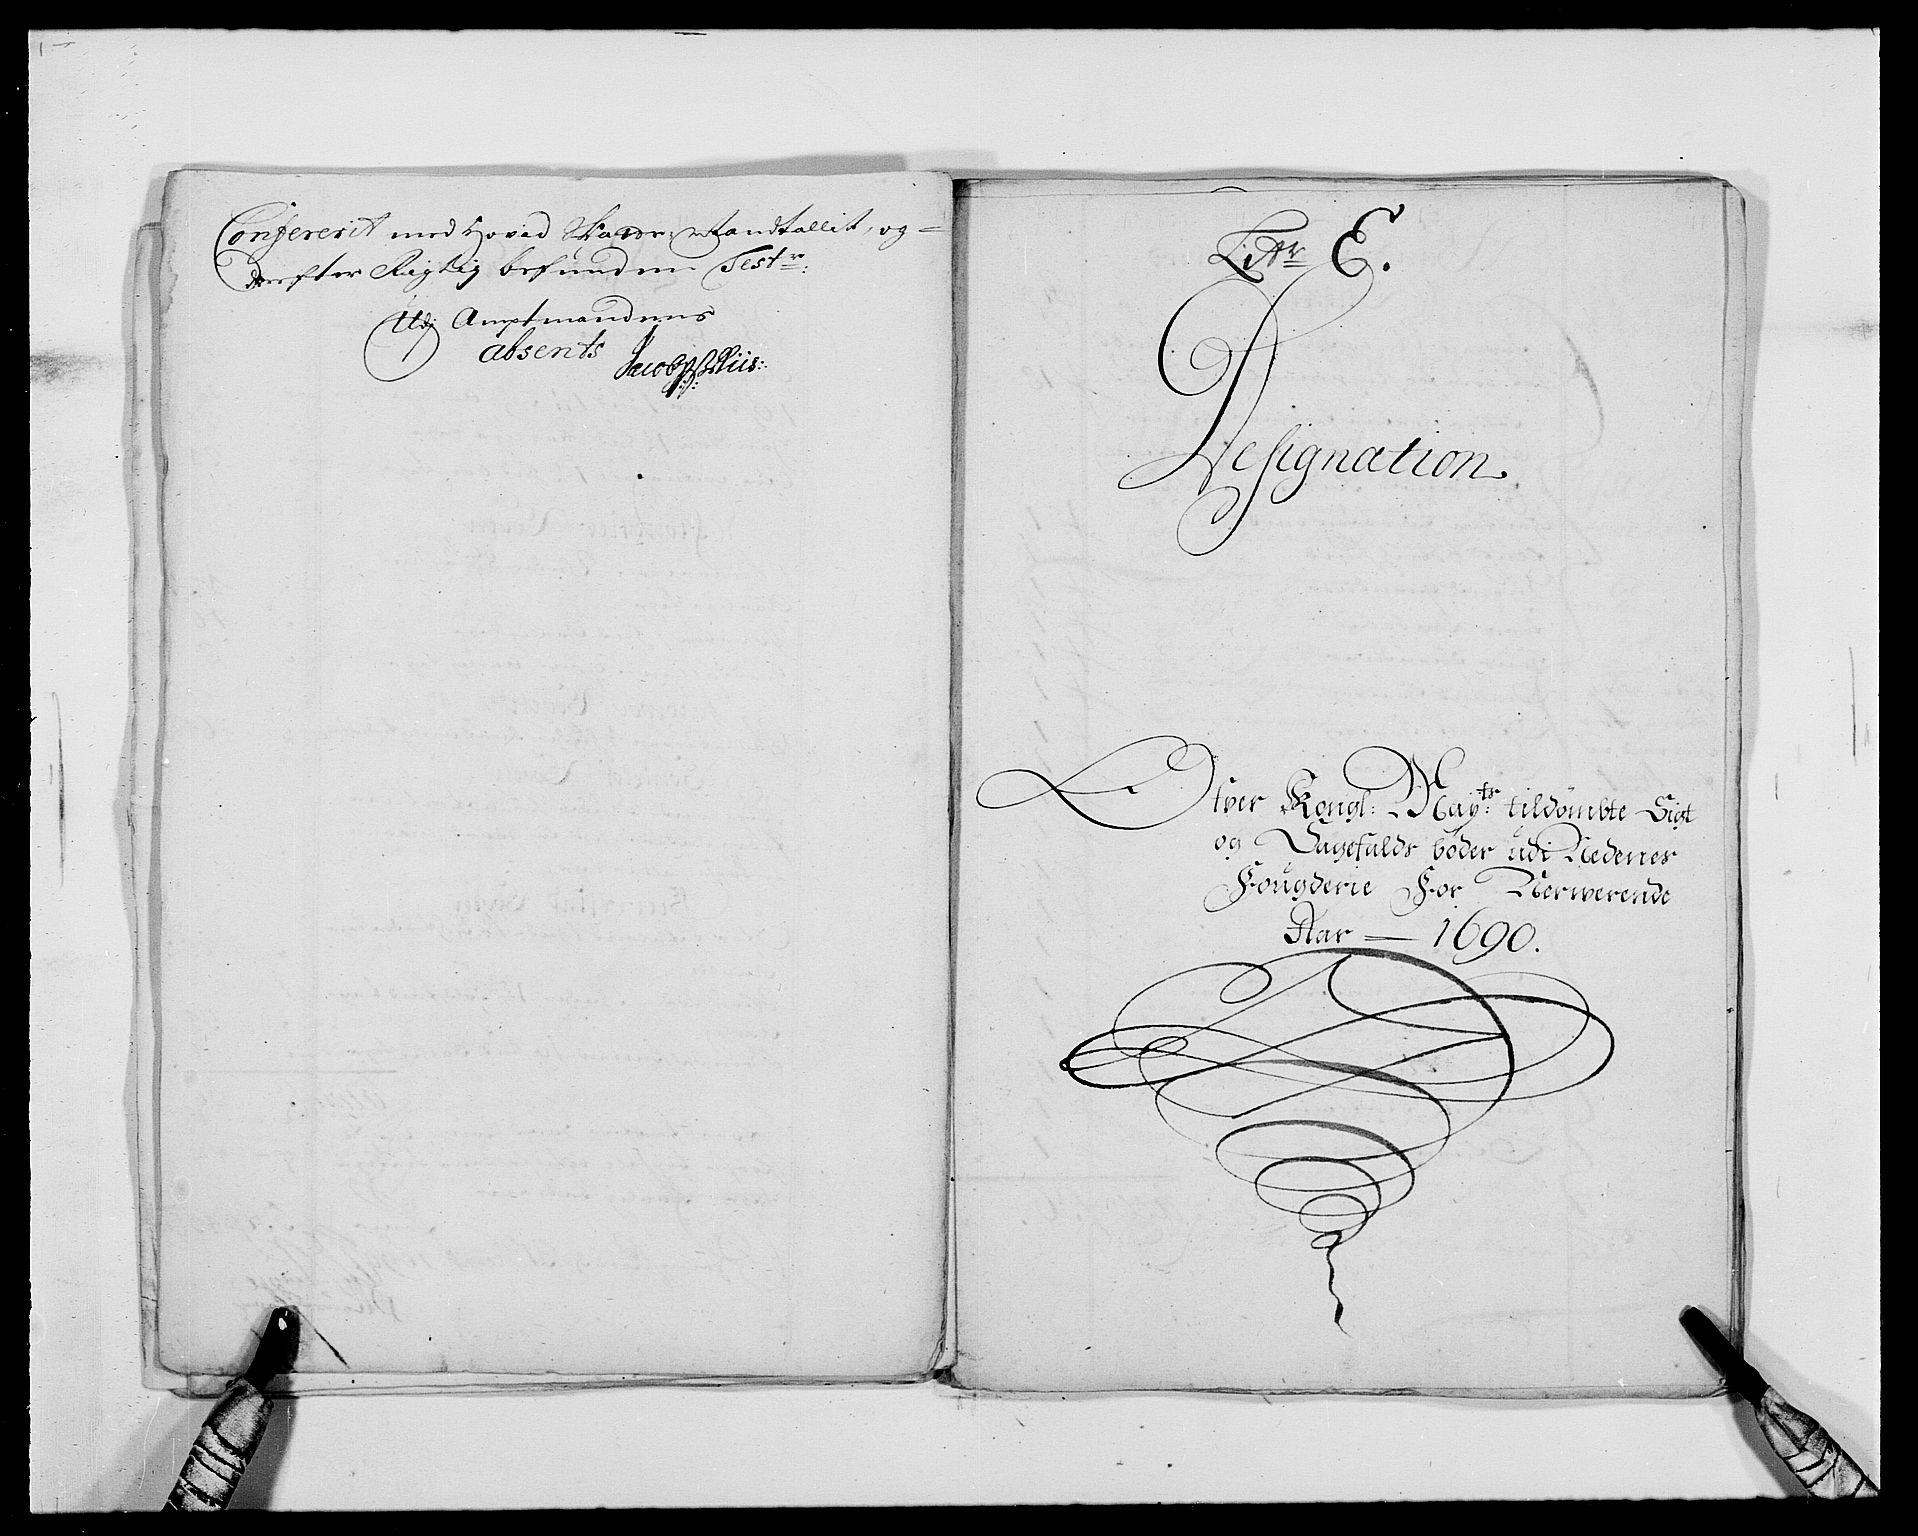 RA, Rentekammeret inntil 1814, Reviderte regnskaper, Fogderegnskap, R39/L2310: Fogderegnskap Nedenes, 1690-1692, s. 118